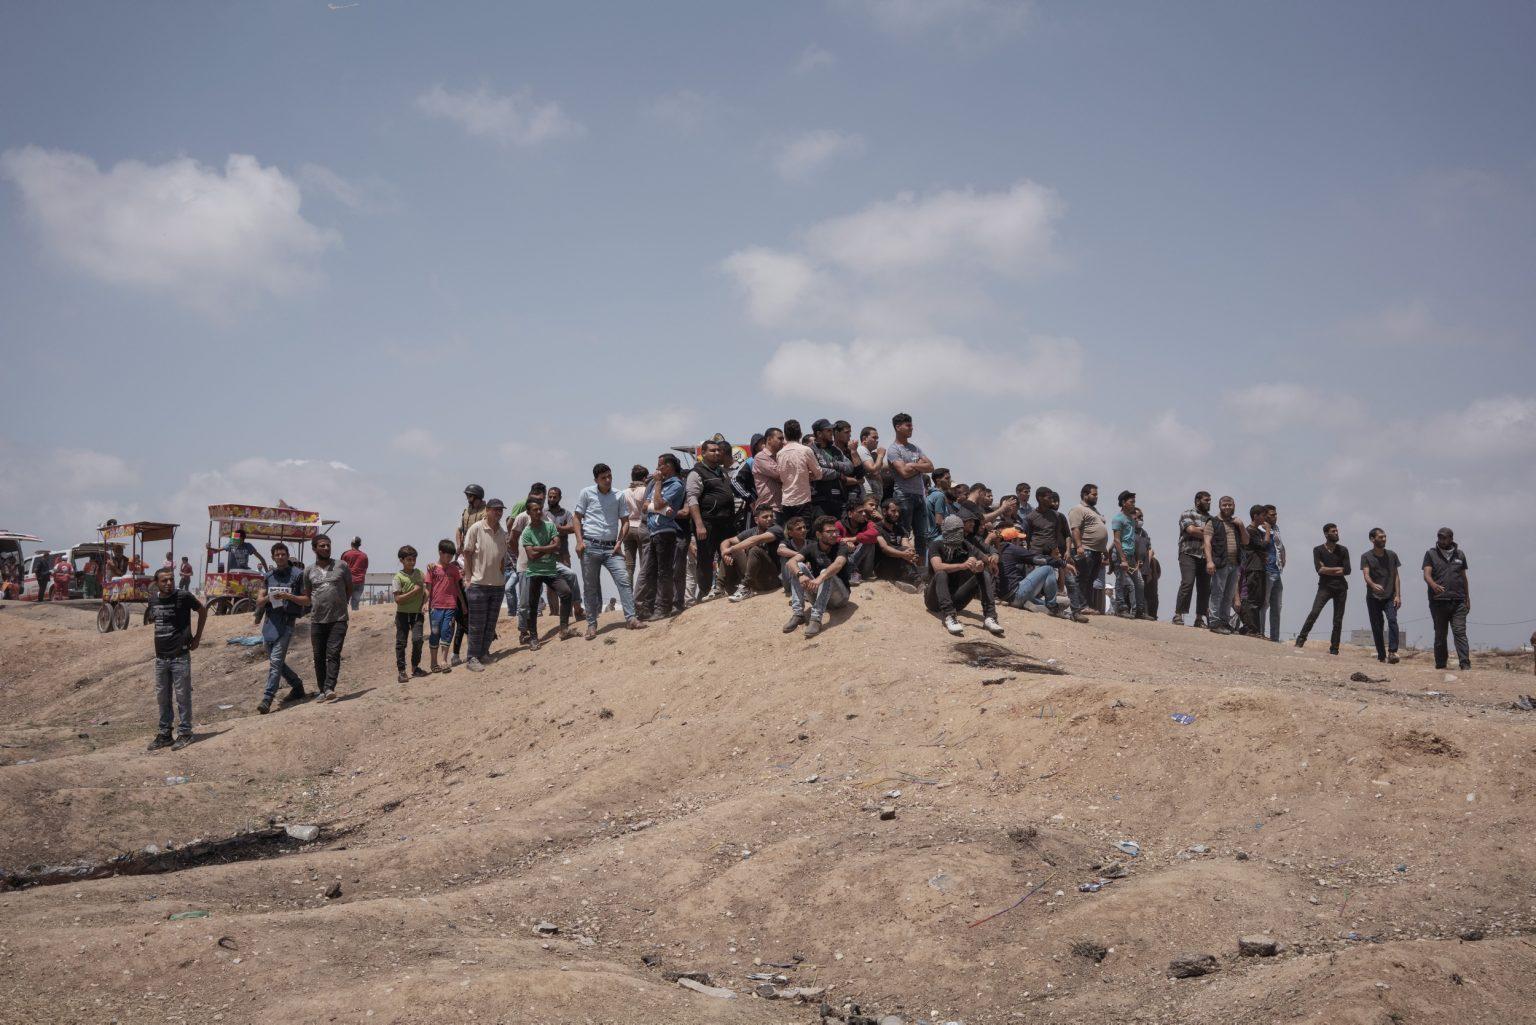 Gaza Strip, May 2018 - People watching the protest from a little hill along the Gaza-Israel border. >< Striscia di Gaza, maggio 2018 - Civili osservano le proteste da sopra una collinnetta lungo il confine tra Gaza e Israele.